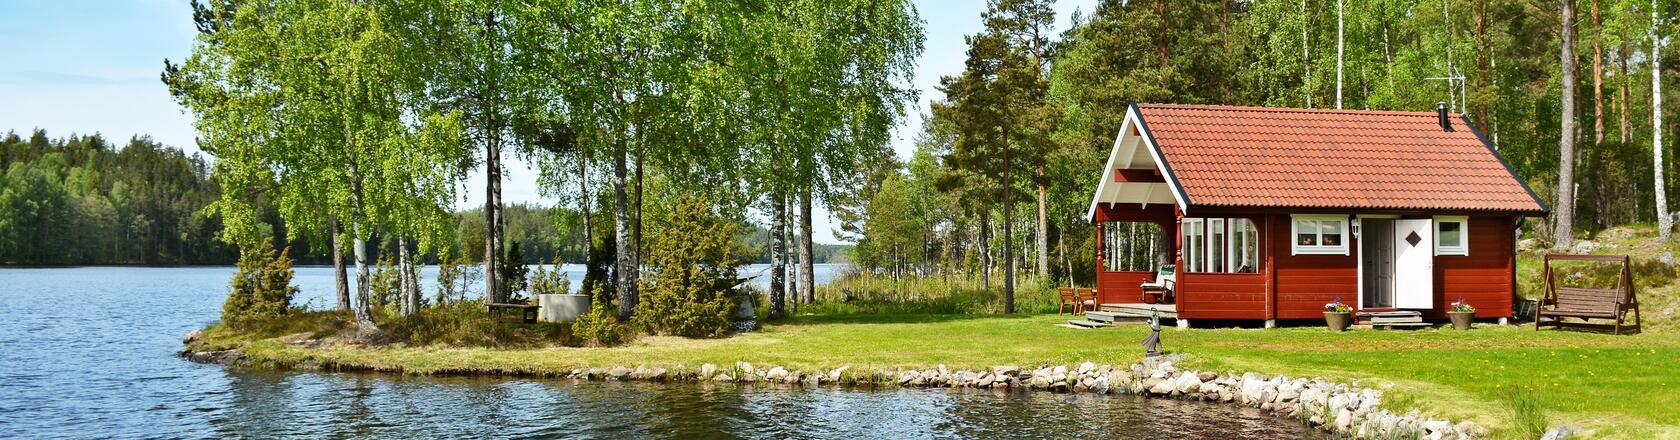 ferienhaus in schweden urlaub in traumhafter natur. Black Bedroom Furniture Sets. Home Design Ideas